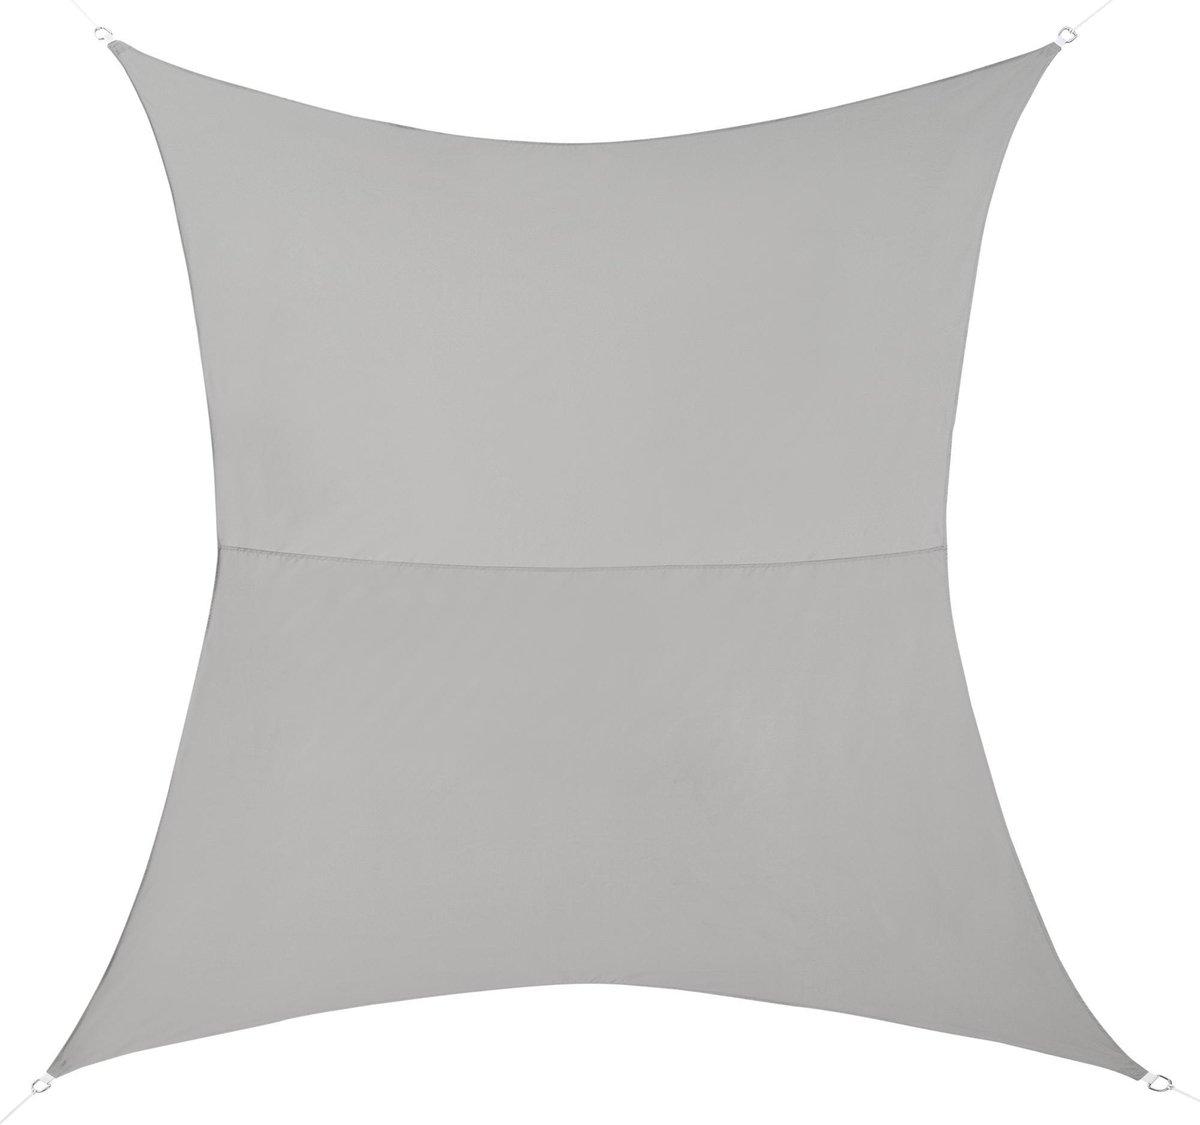 Schaduwdoek - waterafstotend rechthoekig 2x3 m lichtgrijs